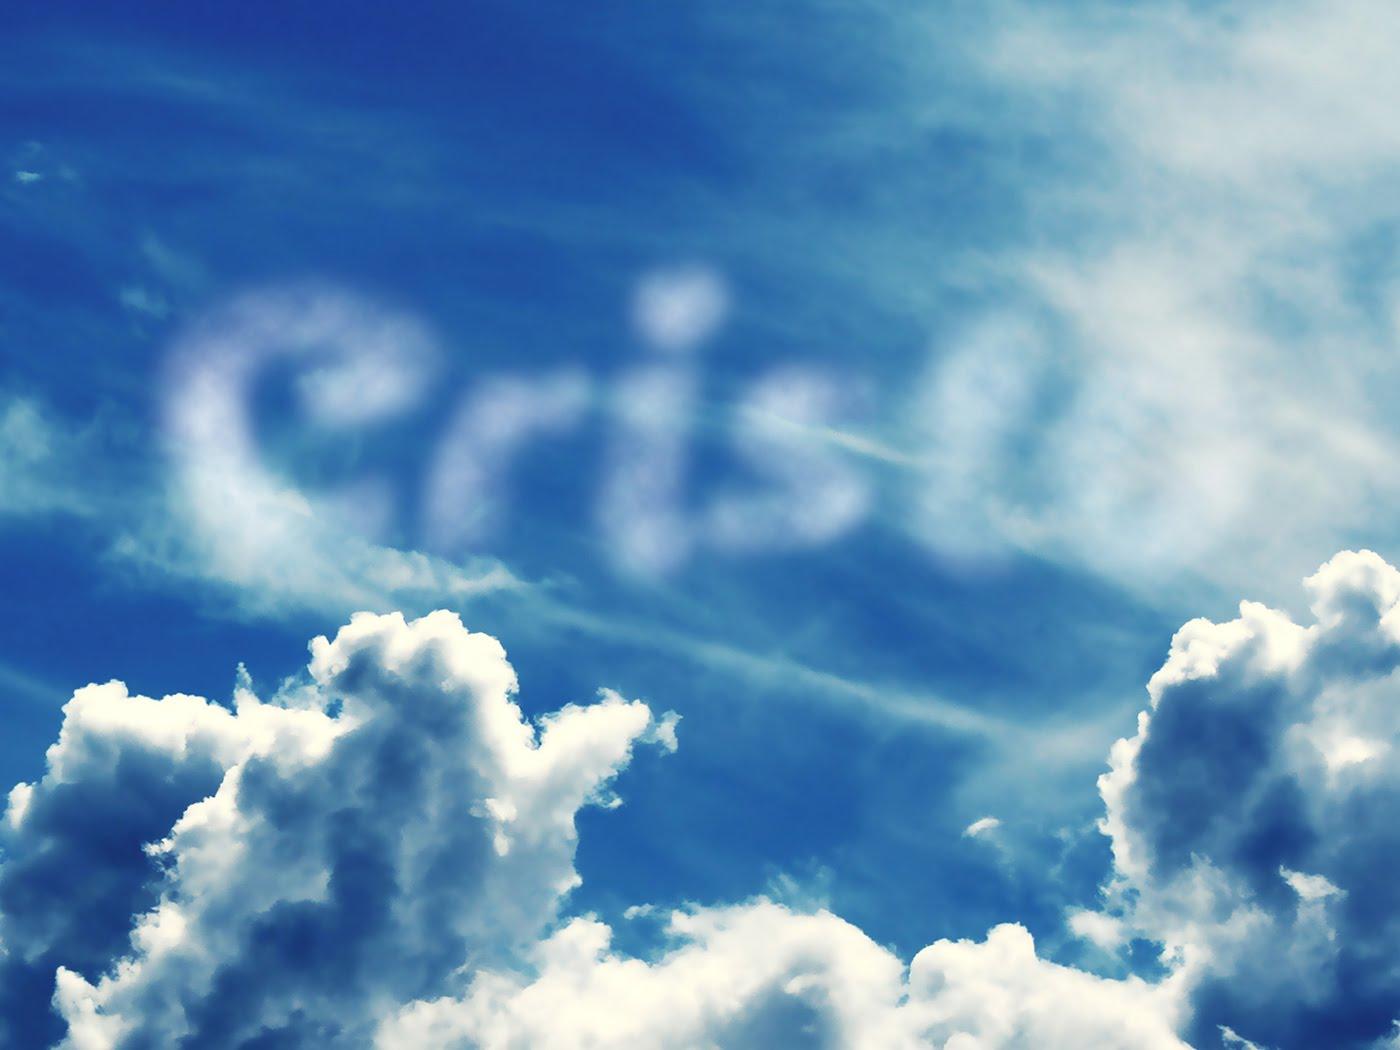 http://3.bp.blogspot.com/_EGZYpmS6ows/TFJZuZd5KCI/AAAAAAAAAdk/a-rL32ZSXG8/s1600/1400x1050_102_wallpaper_zixpkcom.jpg